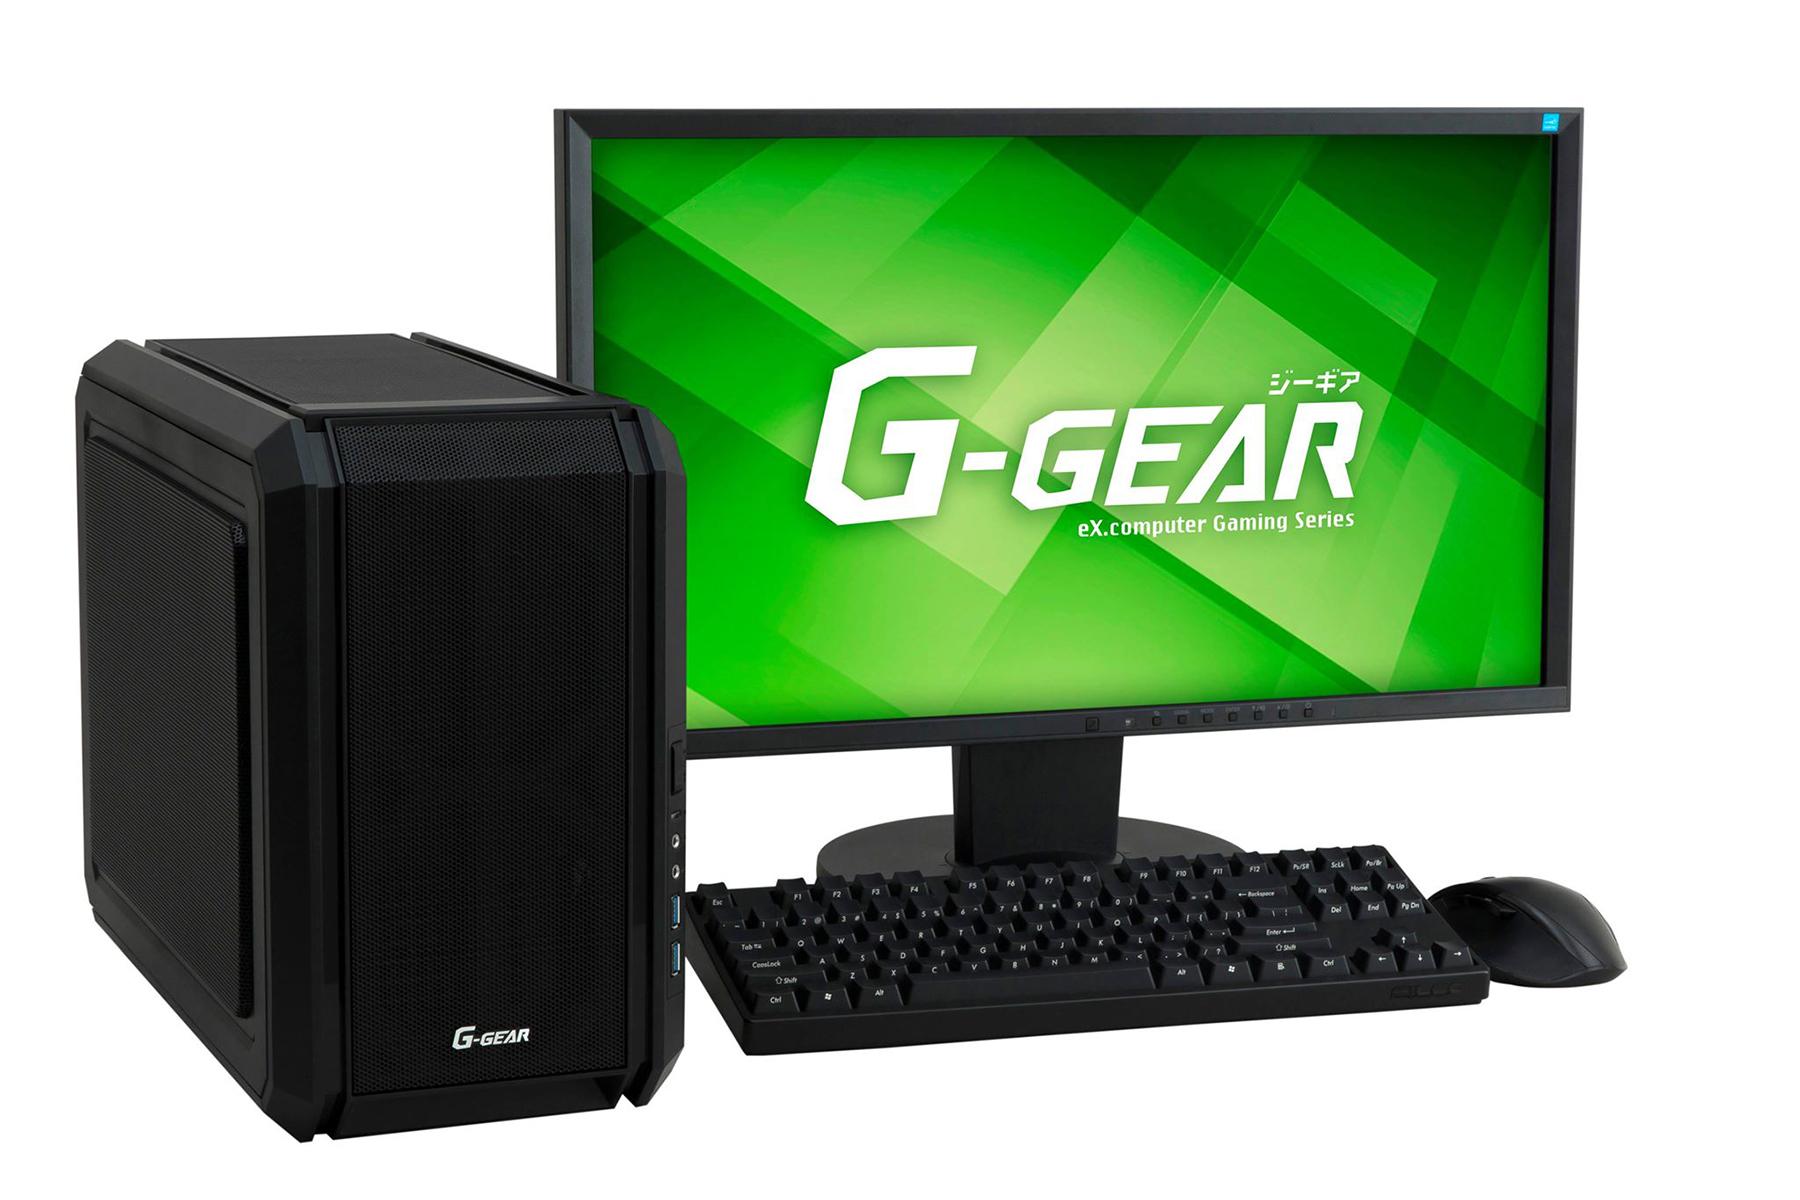 「G-GEAR」デスクトップPC